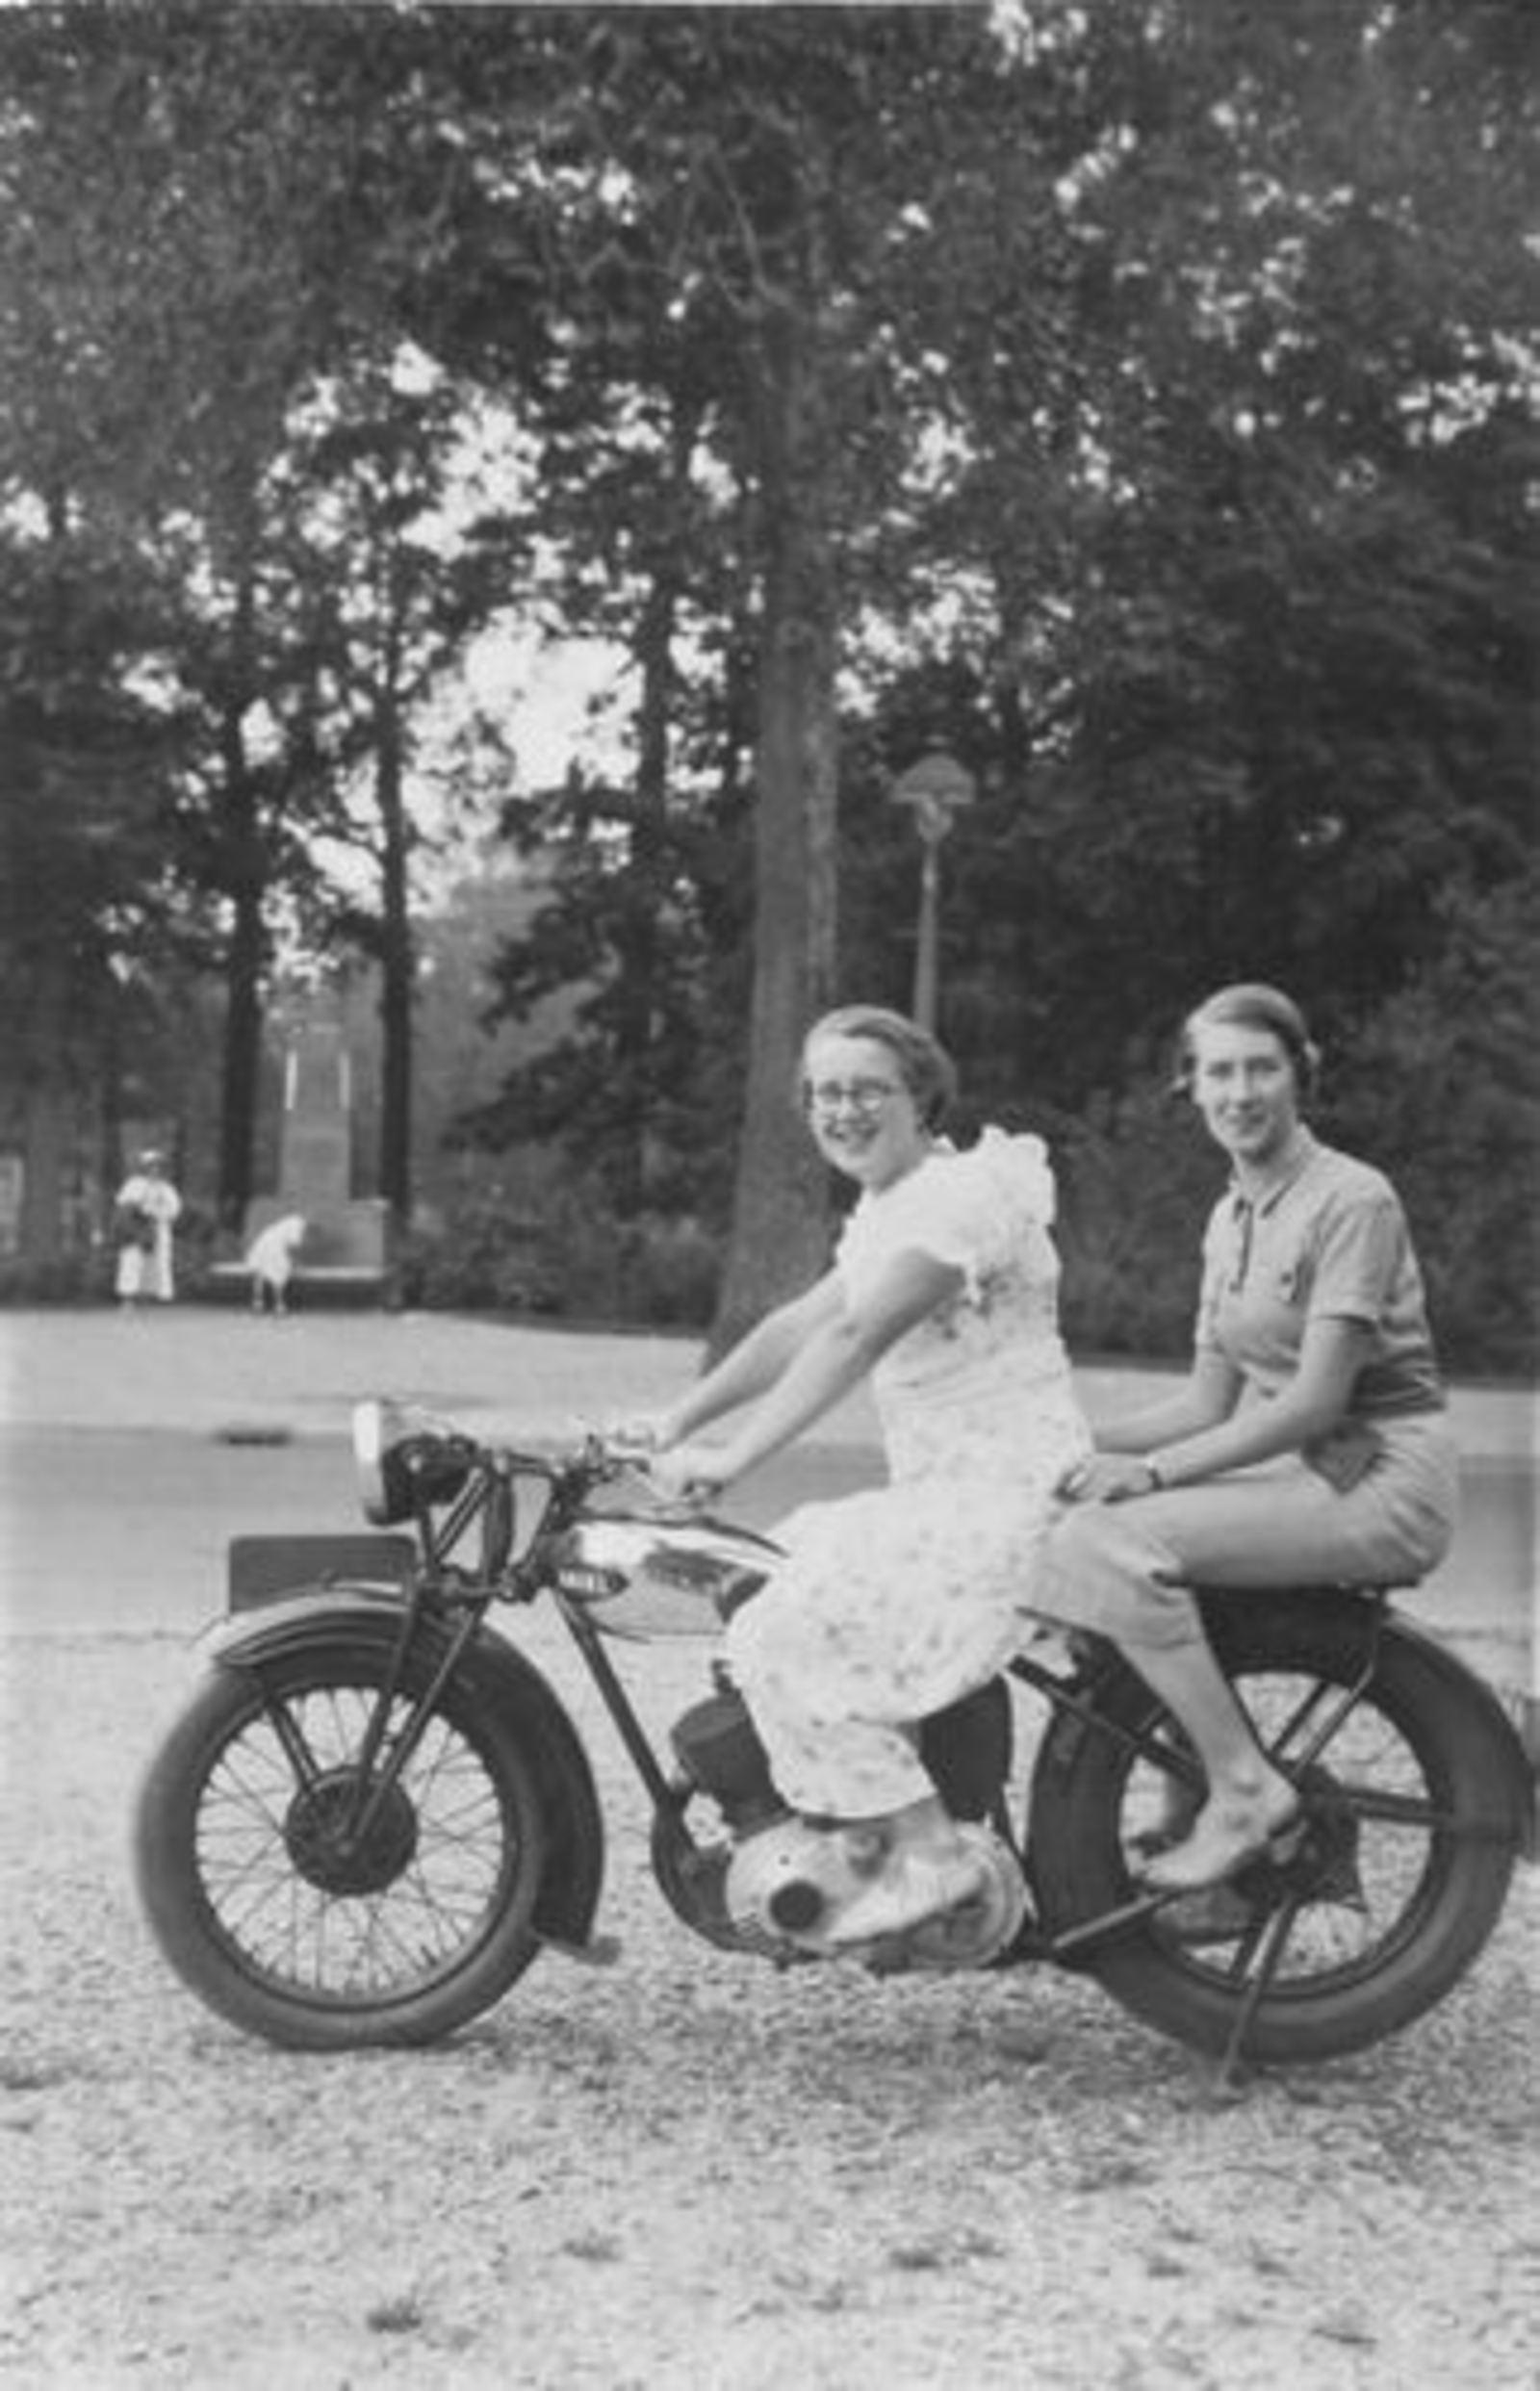 Koning Bep de 1919 193_ met Janny Roodenburg op motor Ariel